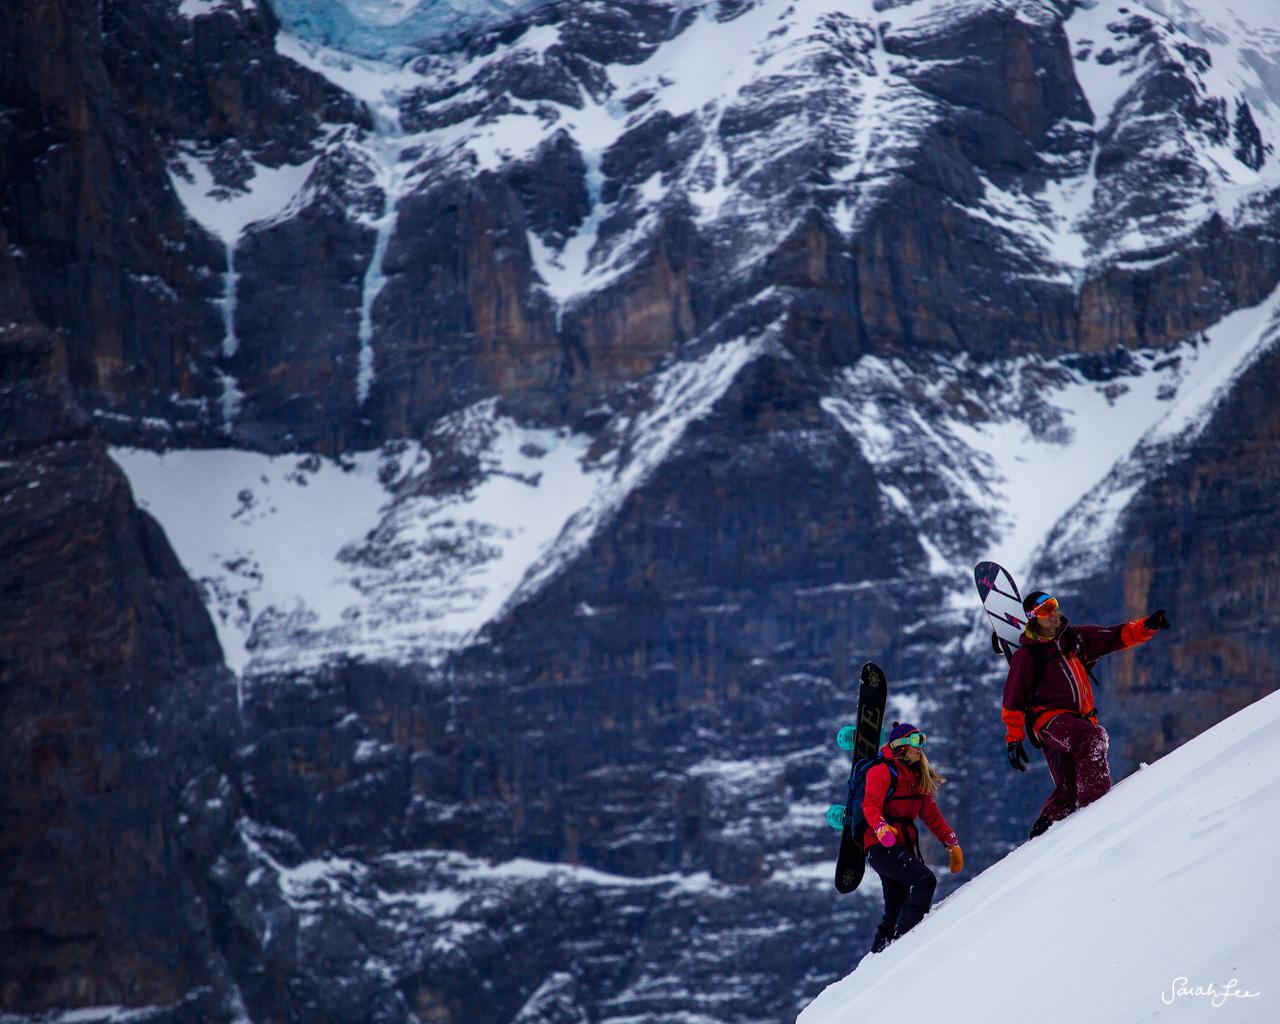 Ueli_Kestenholz_Alison_Teal_Snowboarding2